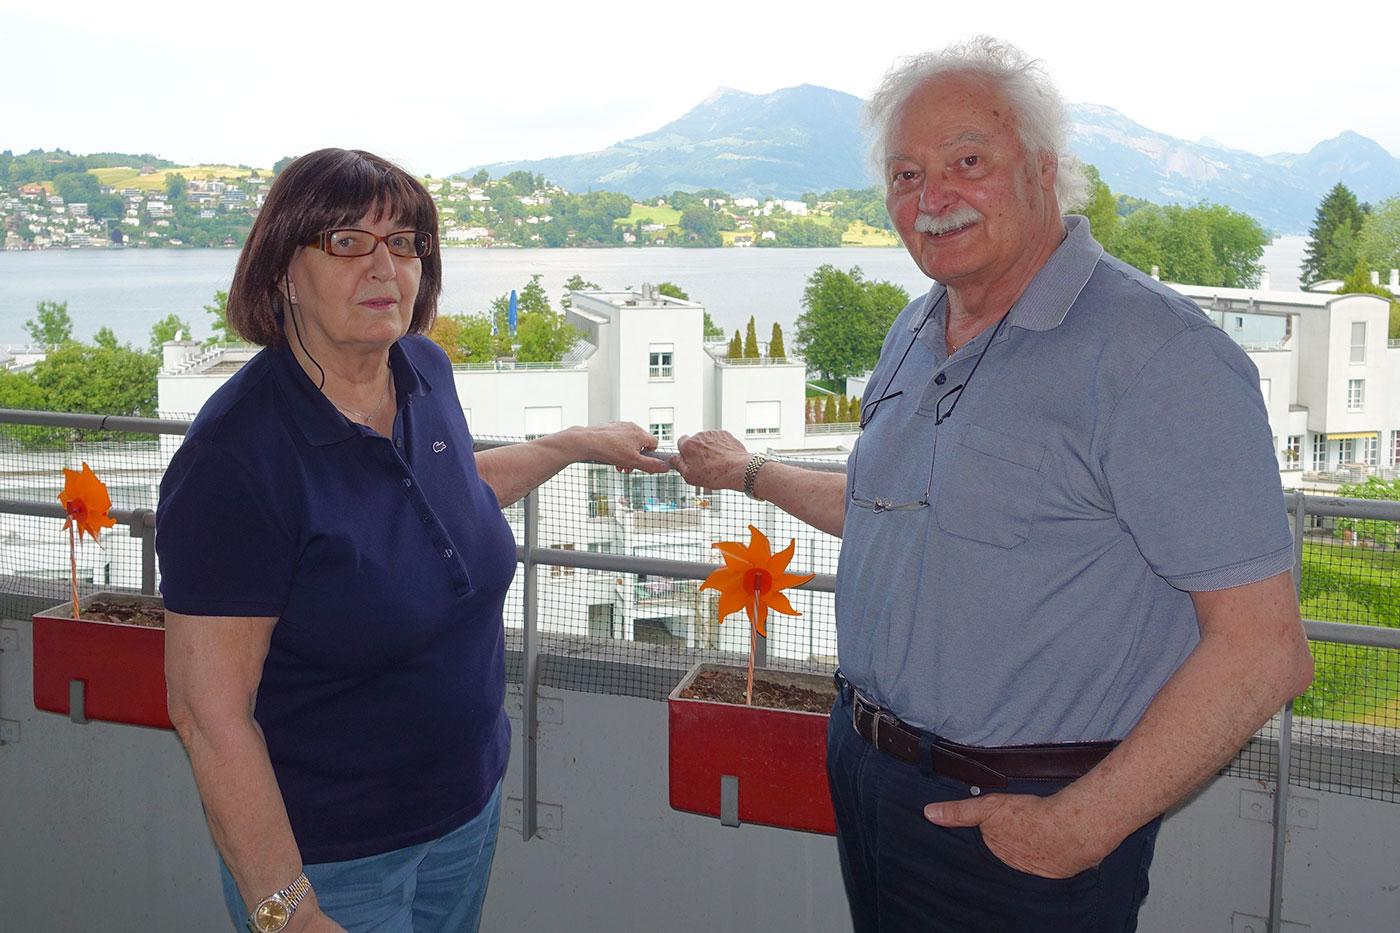 Diese Aussicht werden sie vermissen: Trudi und Josef Baumgartner auf dem Balkon im fünften Stock.